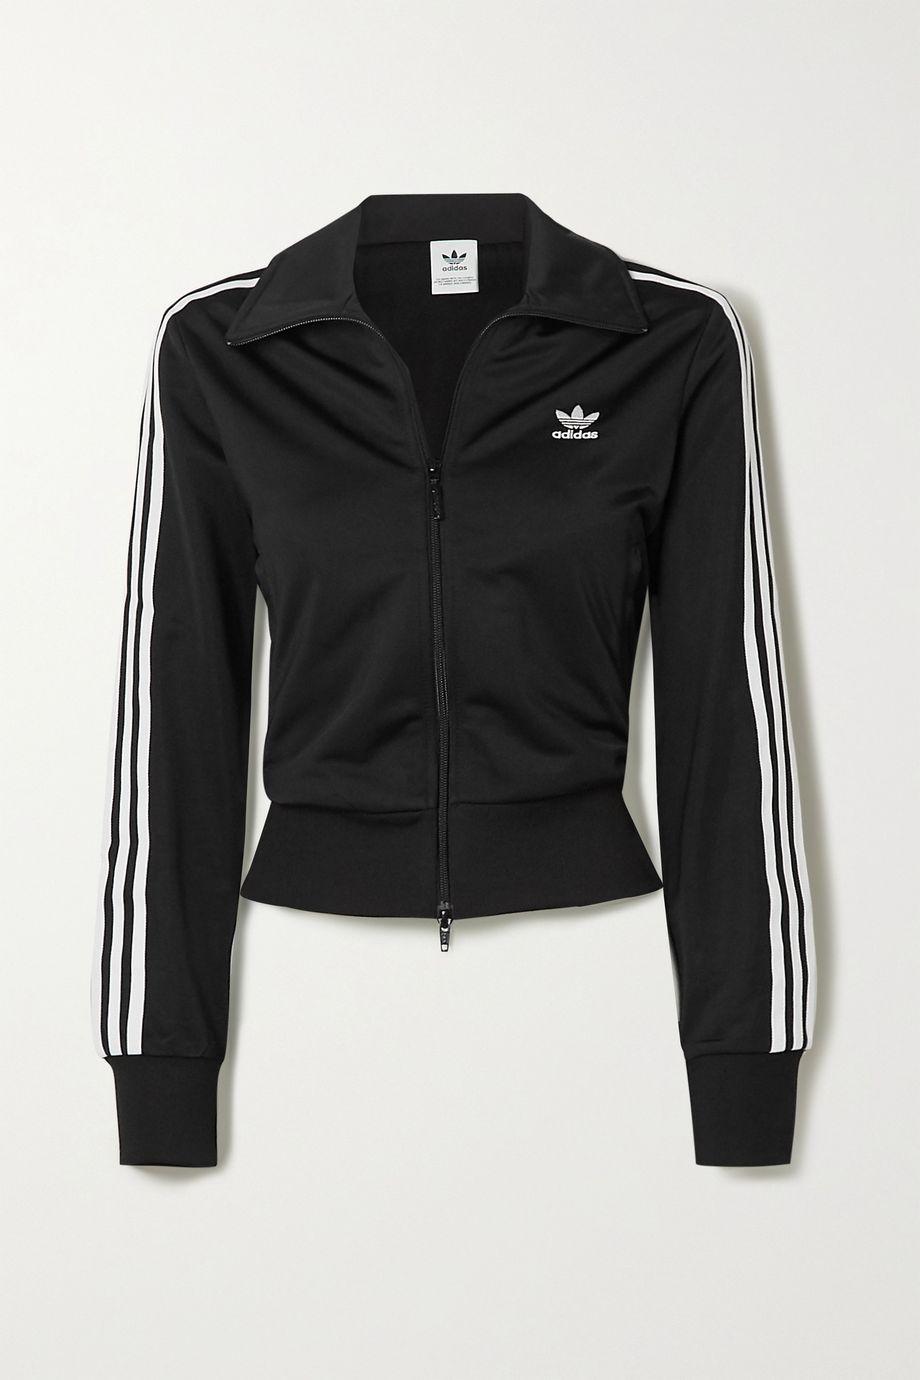 adidas Originals Firebird striped tech-jersey track jacket